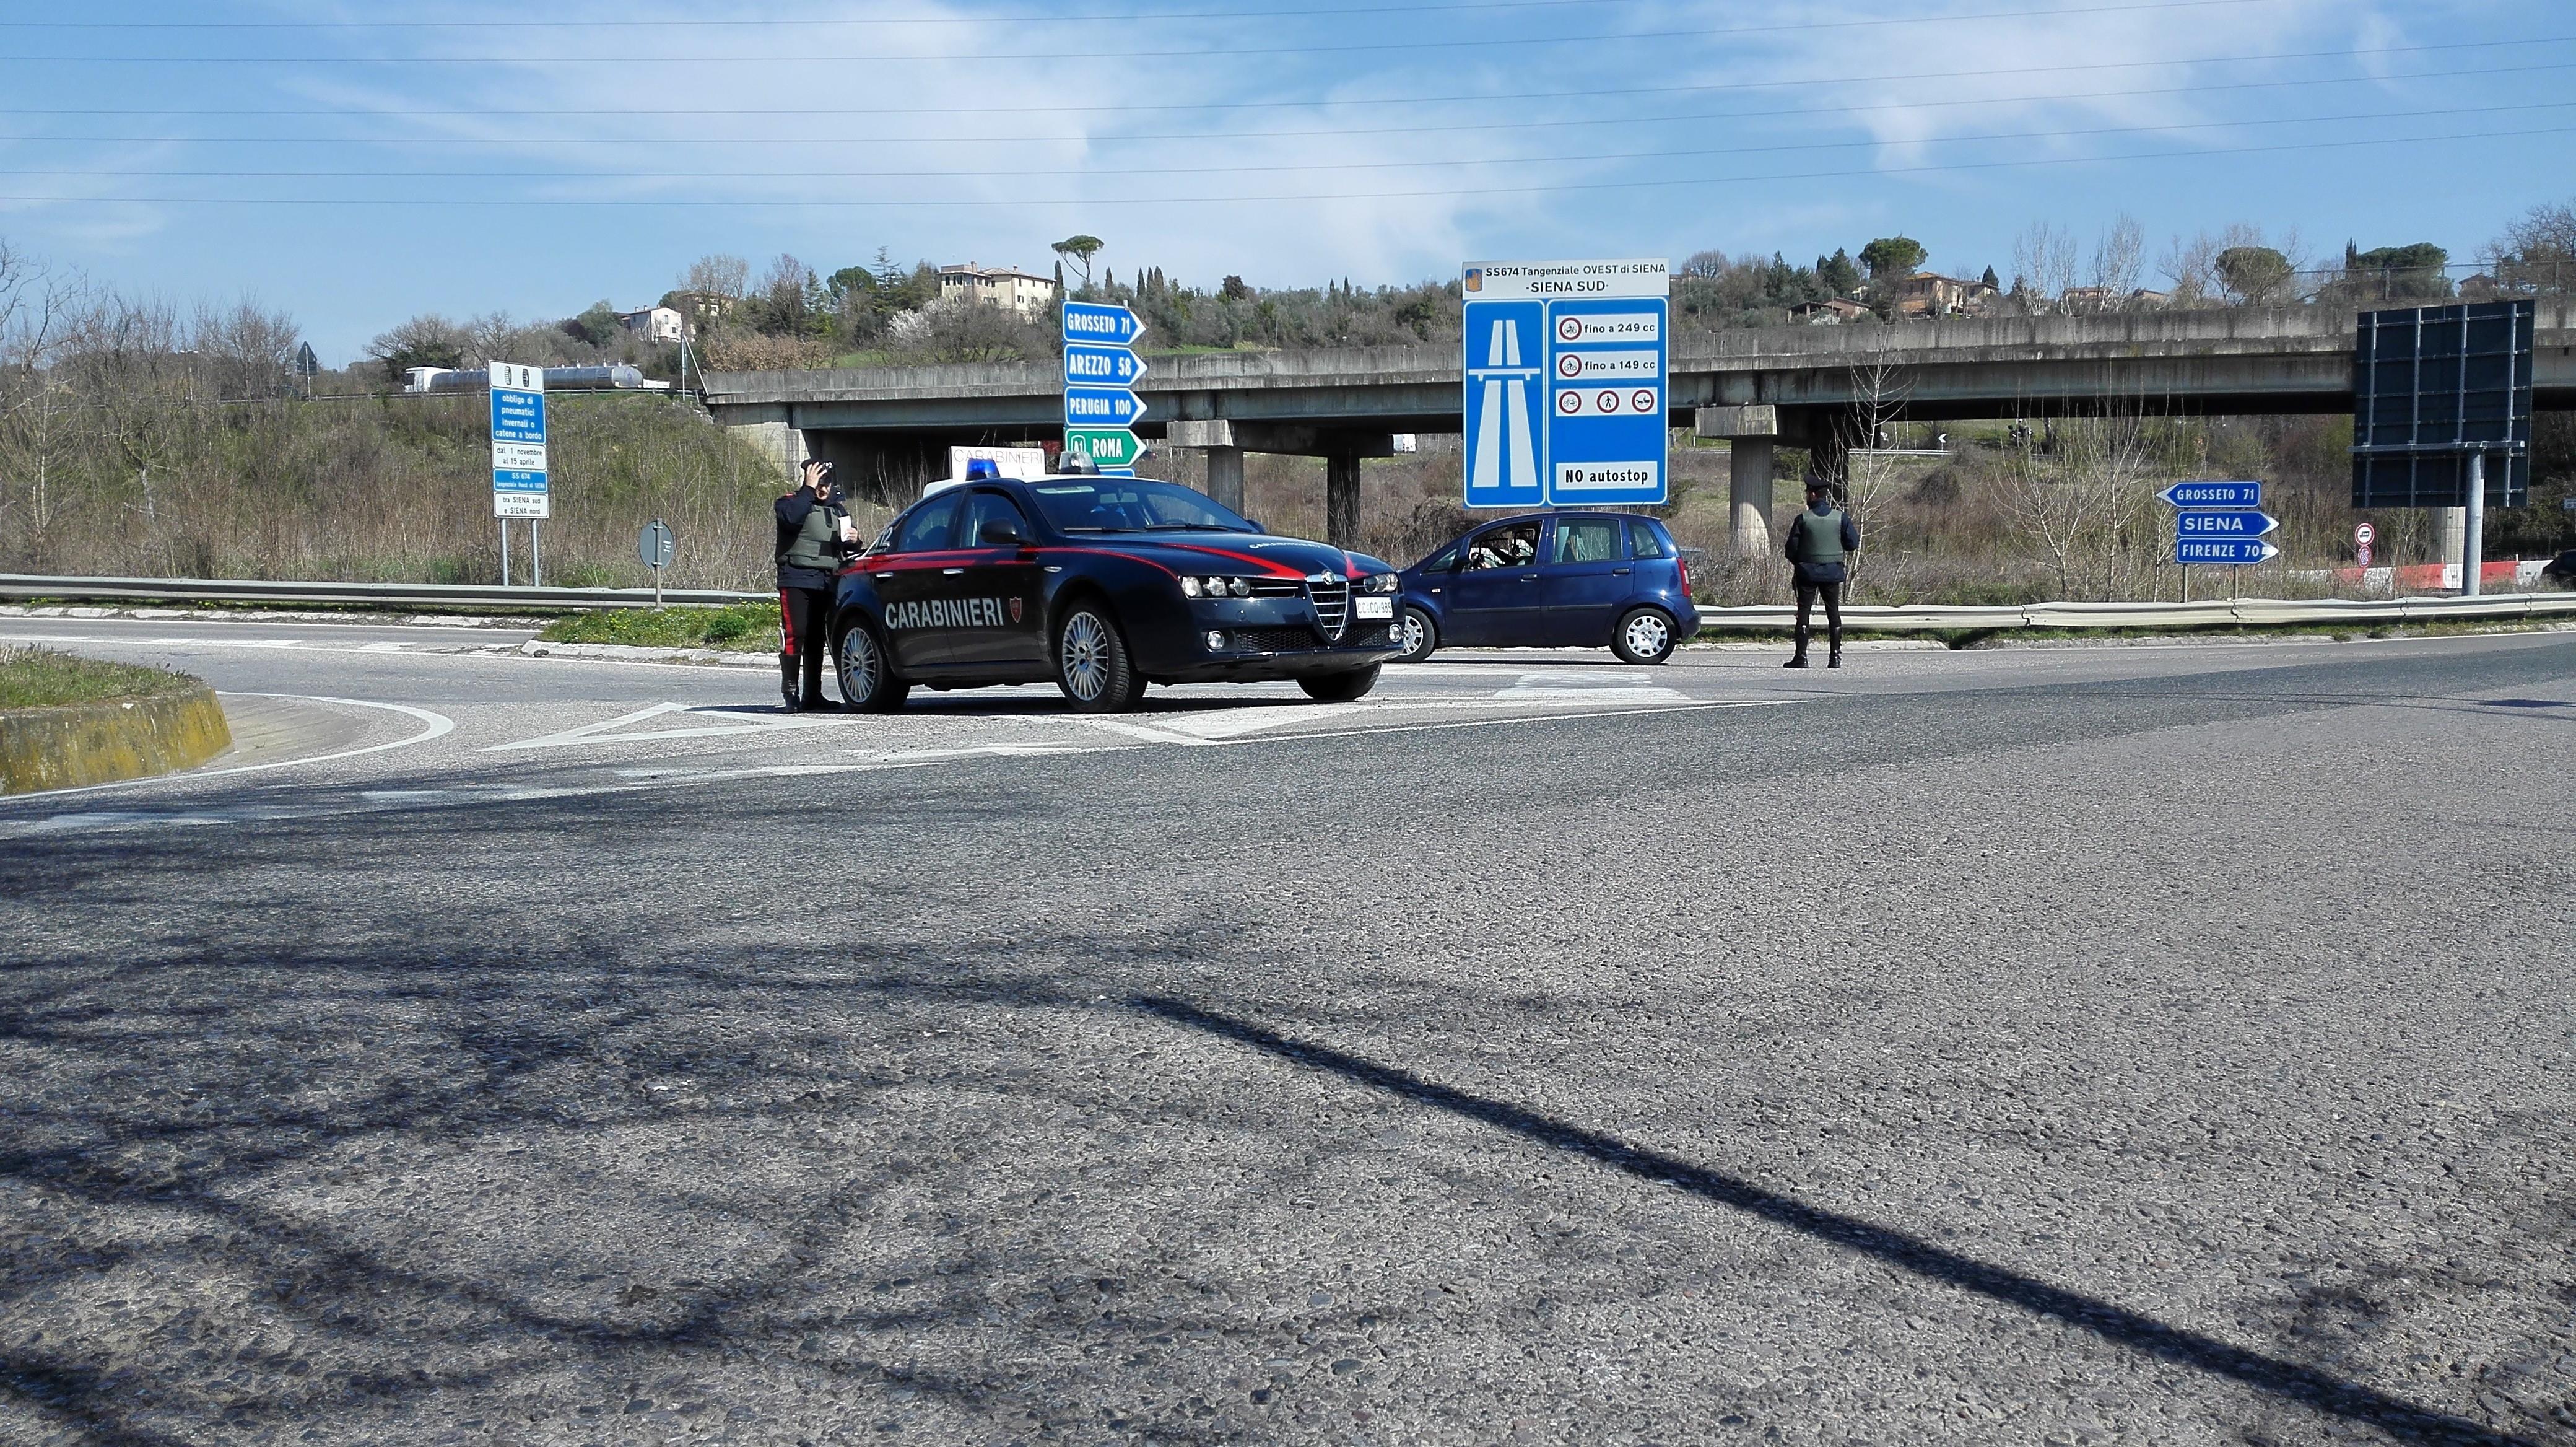 Rubano prosecco da una pizzeria a Chiusi, denunciati per furto quattro rumeni